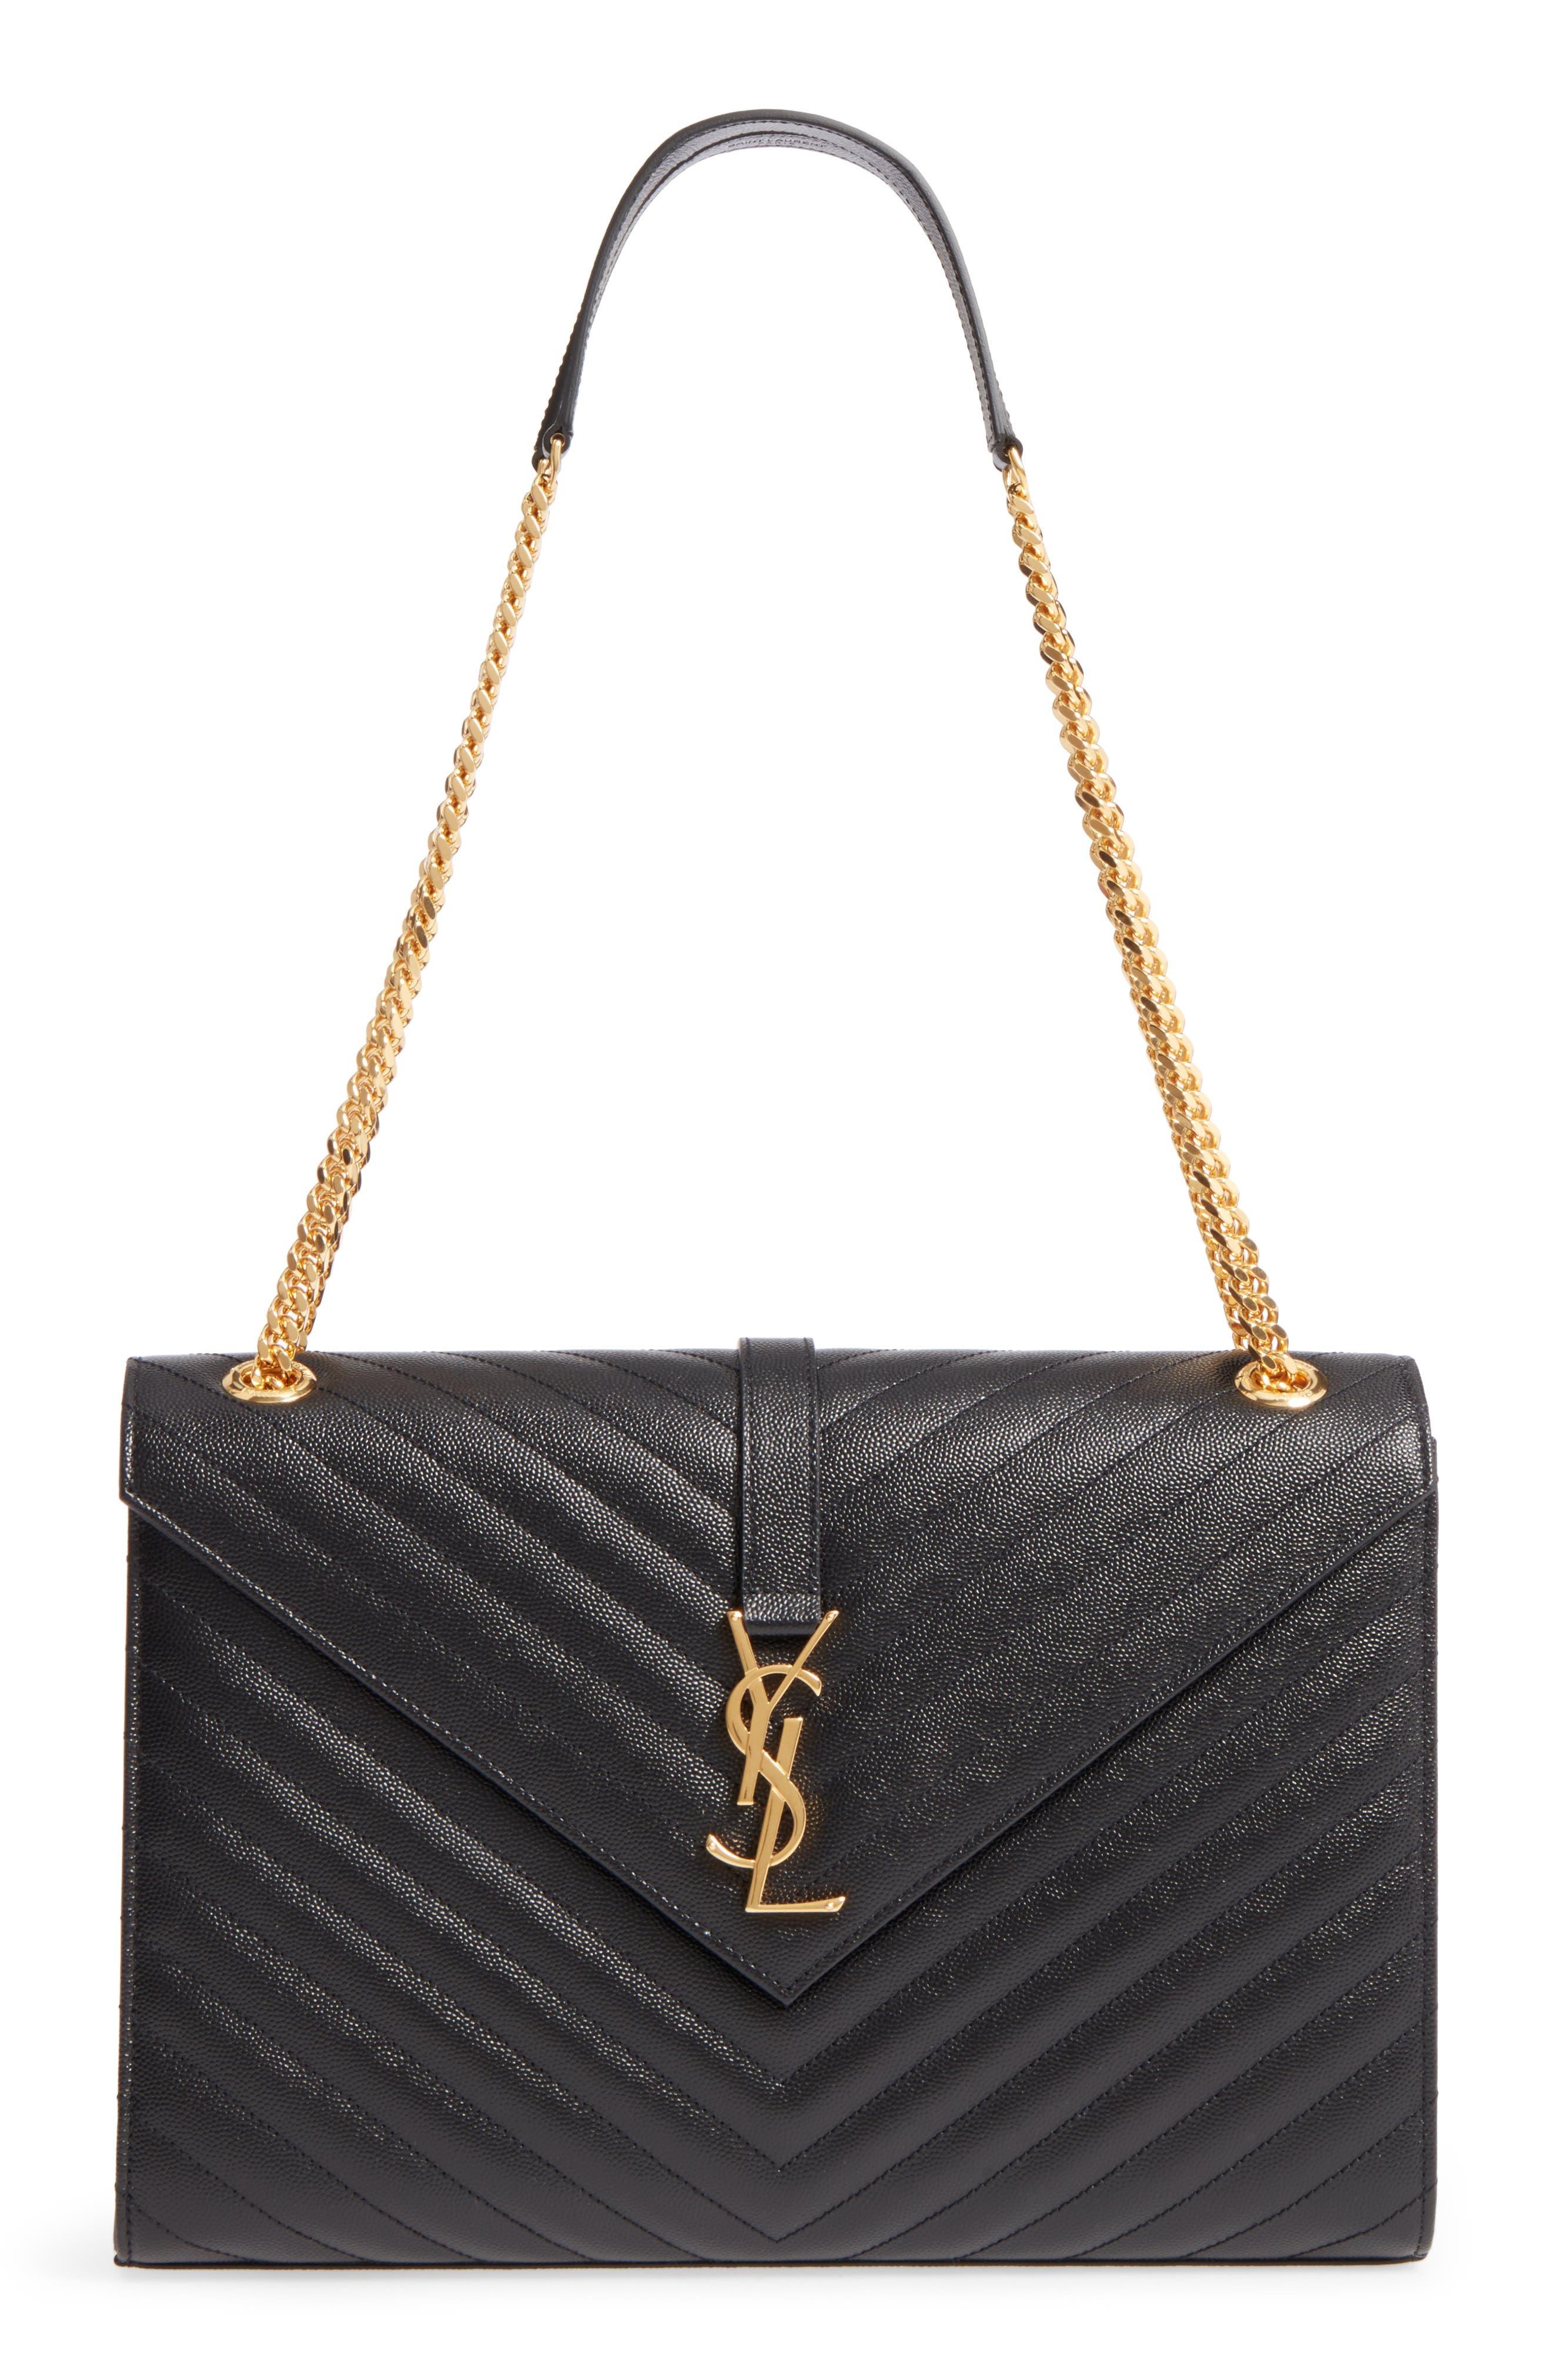 Main Image - Saint Laurent Medium Grained Matelassé Quilted Leather Shoulder Bag